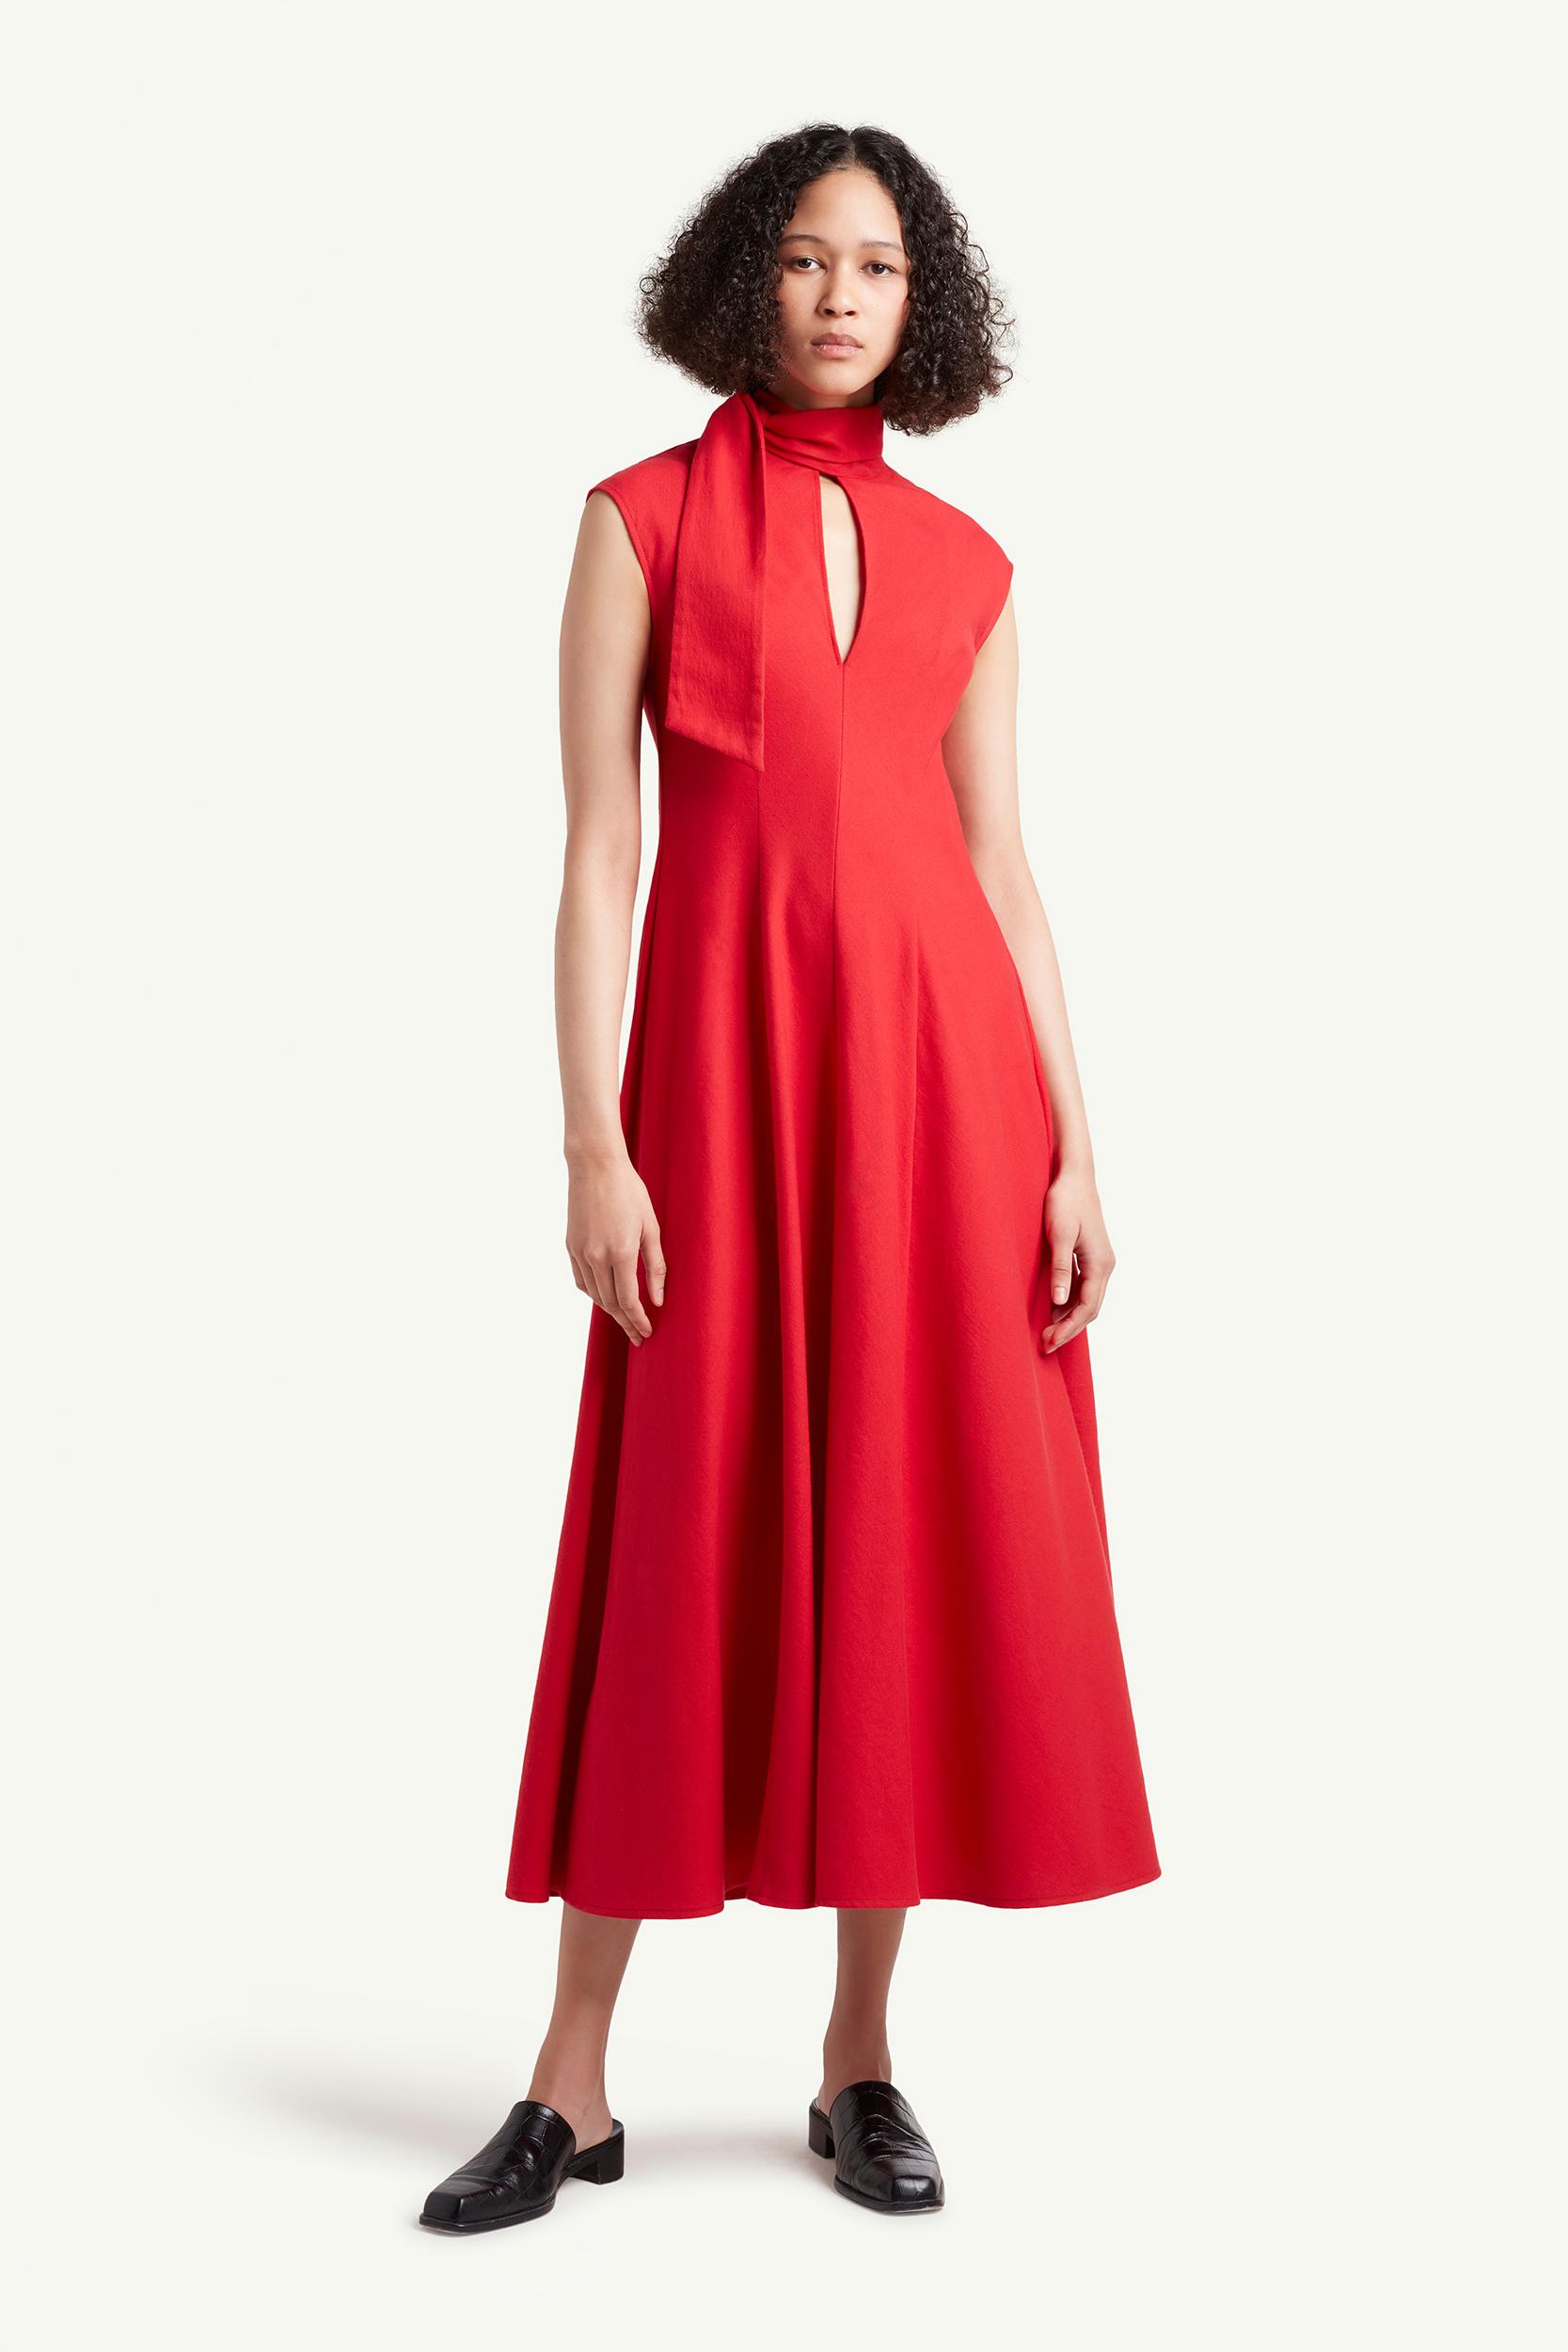 Wales Bonner Womenswear Model wearing a red dress | LRP